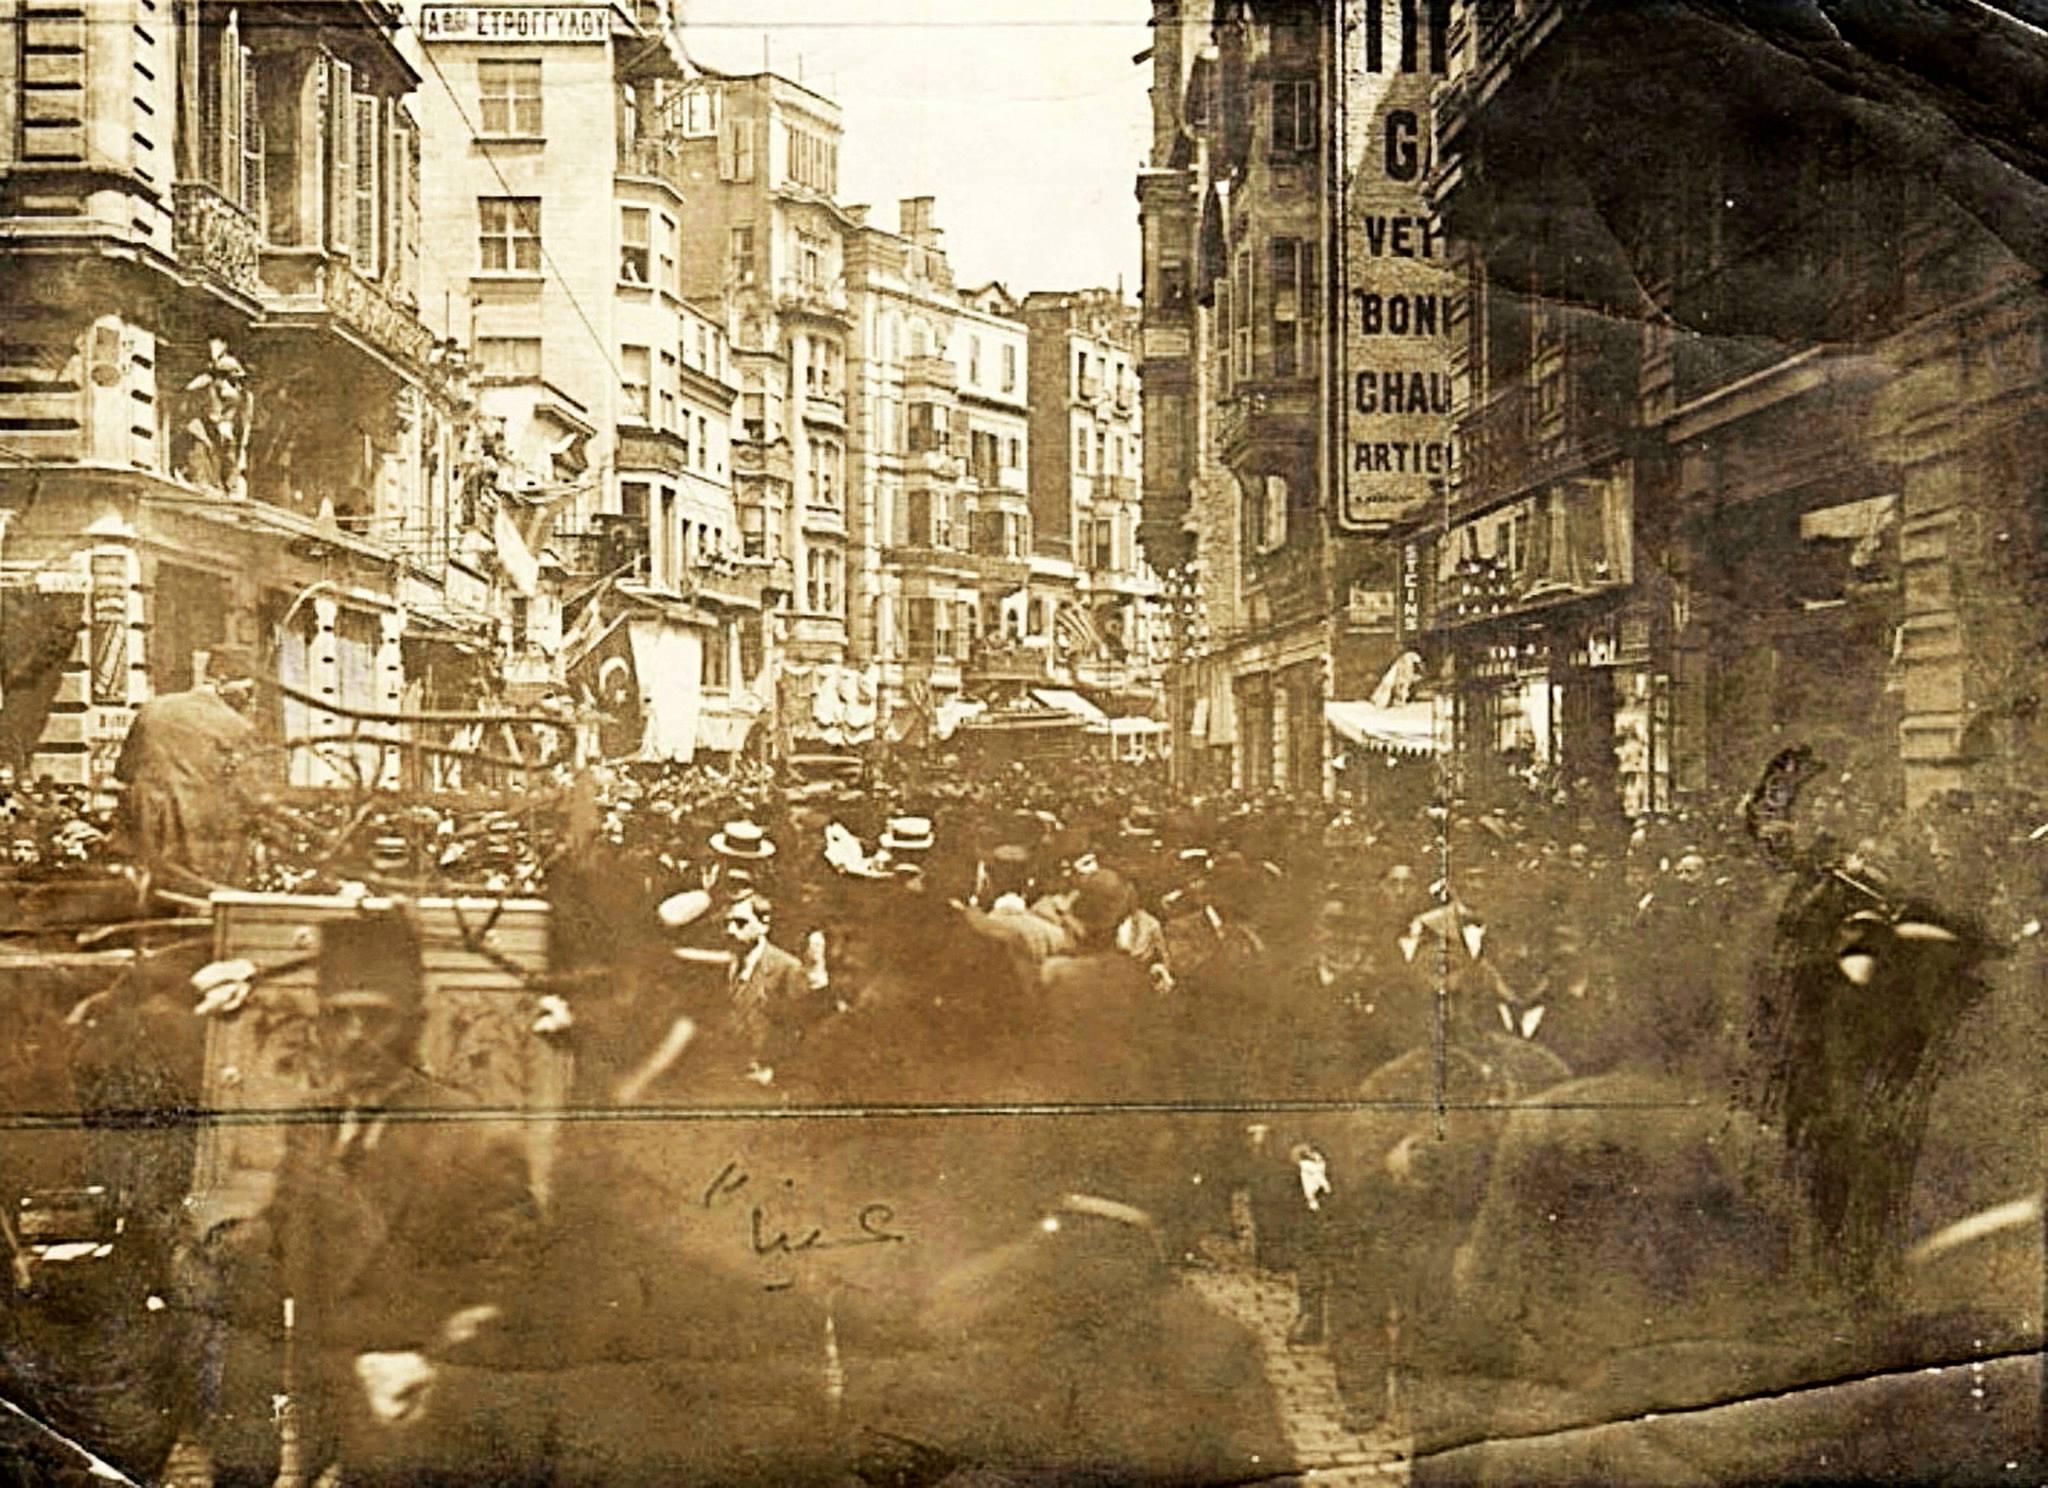 İstiklal Caddesi (1920'li yıllar) #Beyoğlu #istanbul http://t.co/HPsV3phBDR